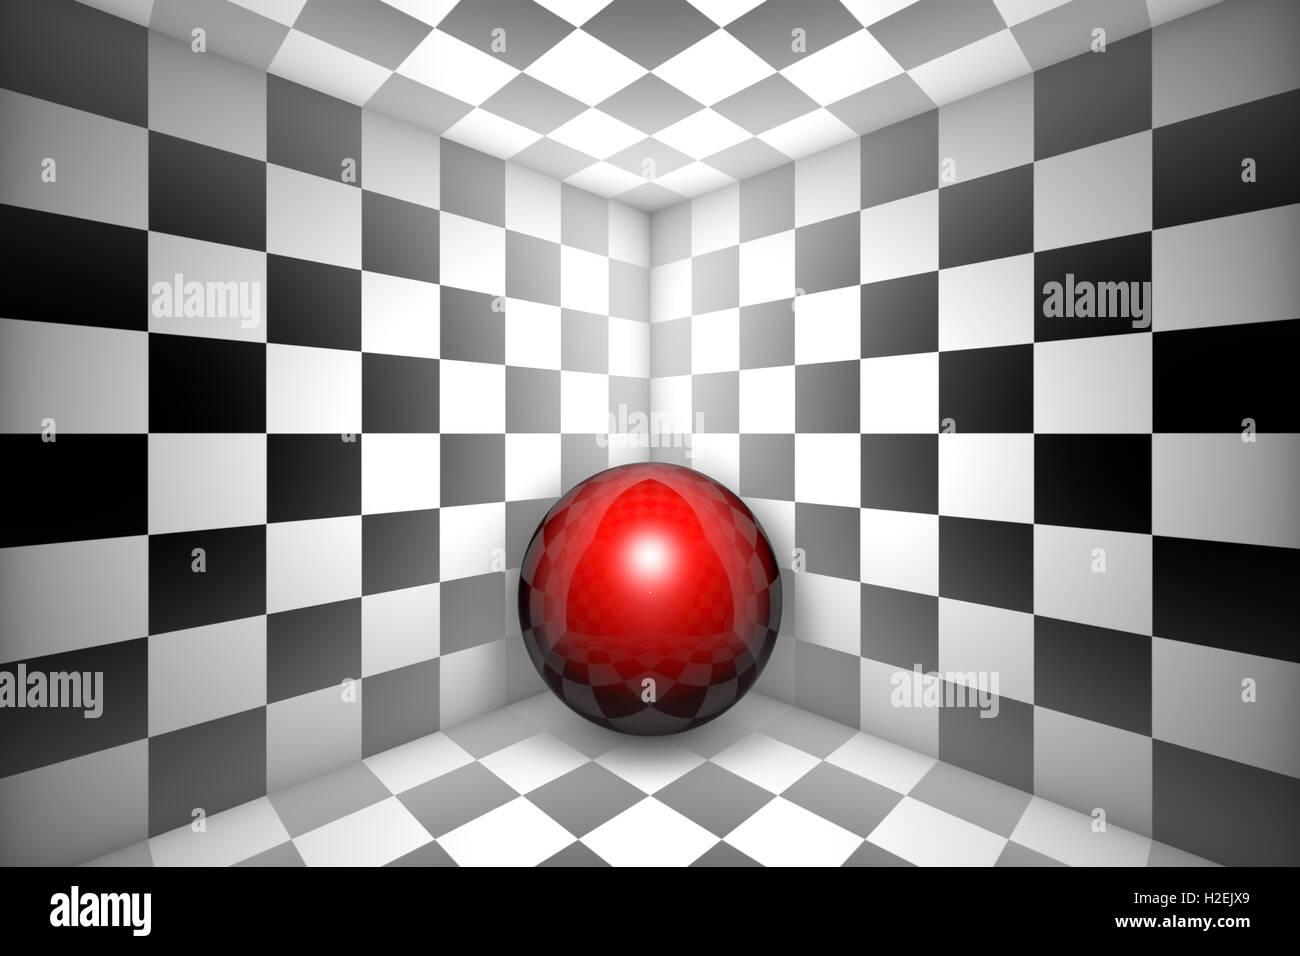 Rote Kugel in schwarz / weiß quadratisch. 3D Illustration. Stockfoto